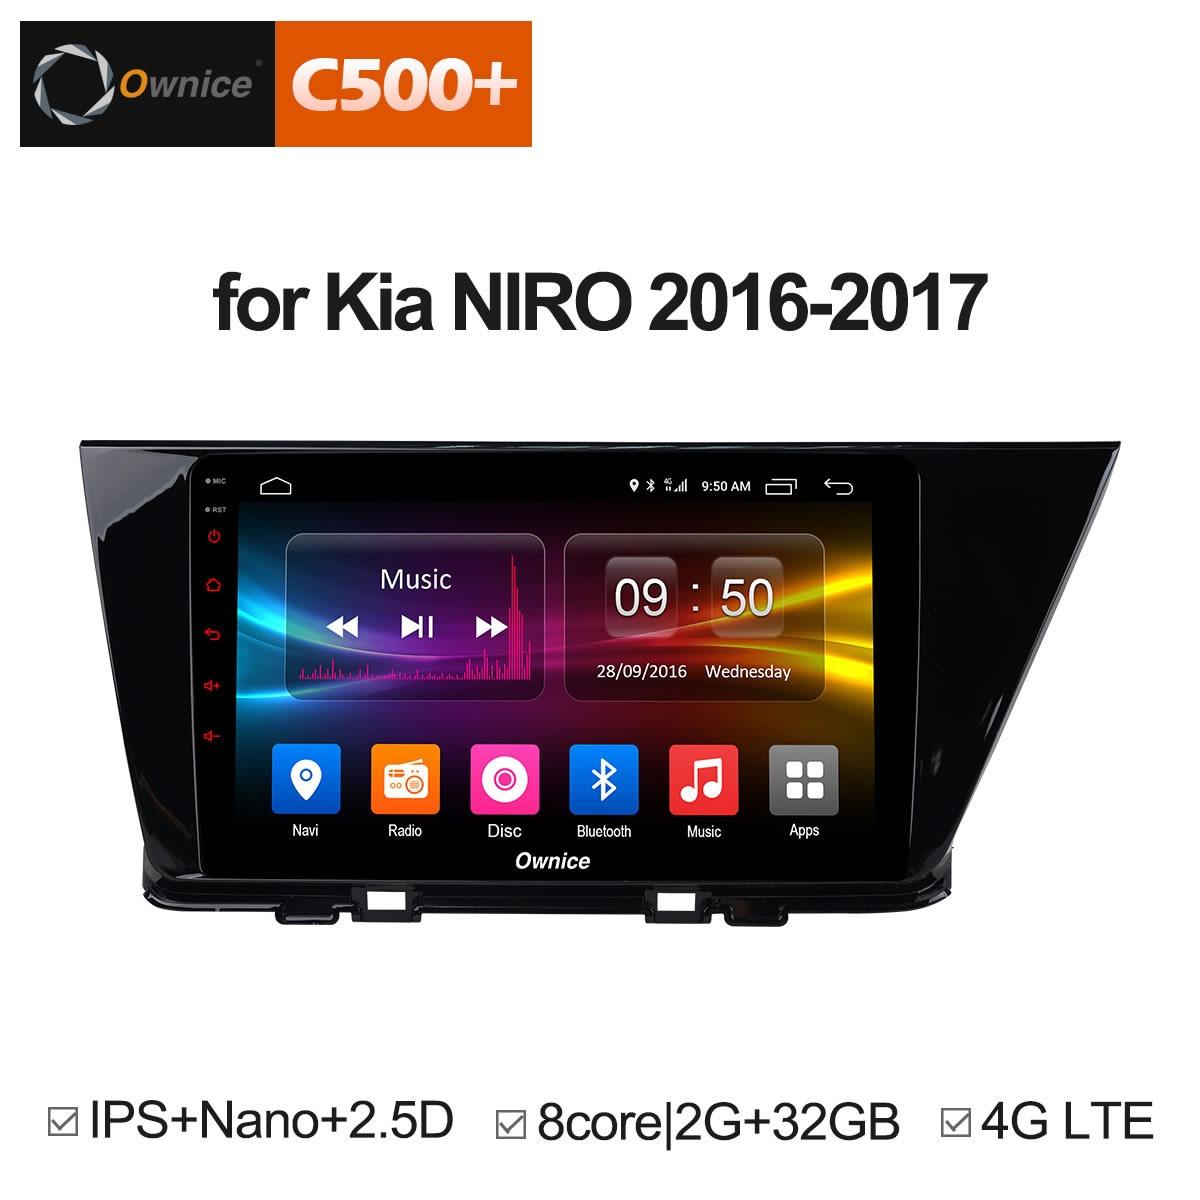 Ownice C500 + G10 Android 8.1 Octa 8 Core ROM 32g pour KIA NIRO 2016 2017 Voiture Lecteur DVD navigation GPS Radio Soutien 4g LTE DVR